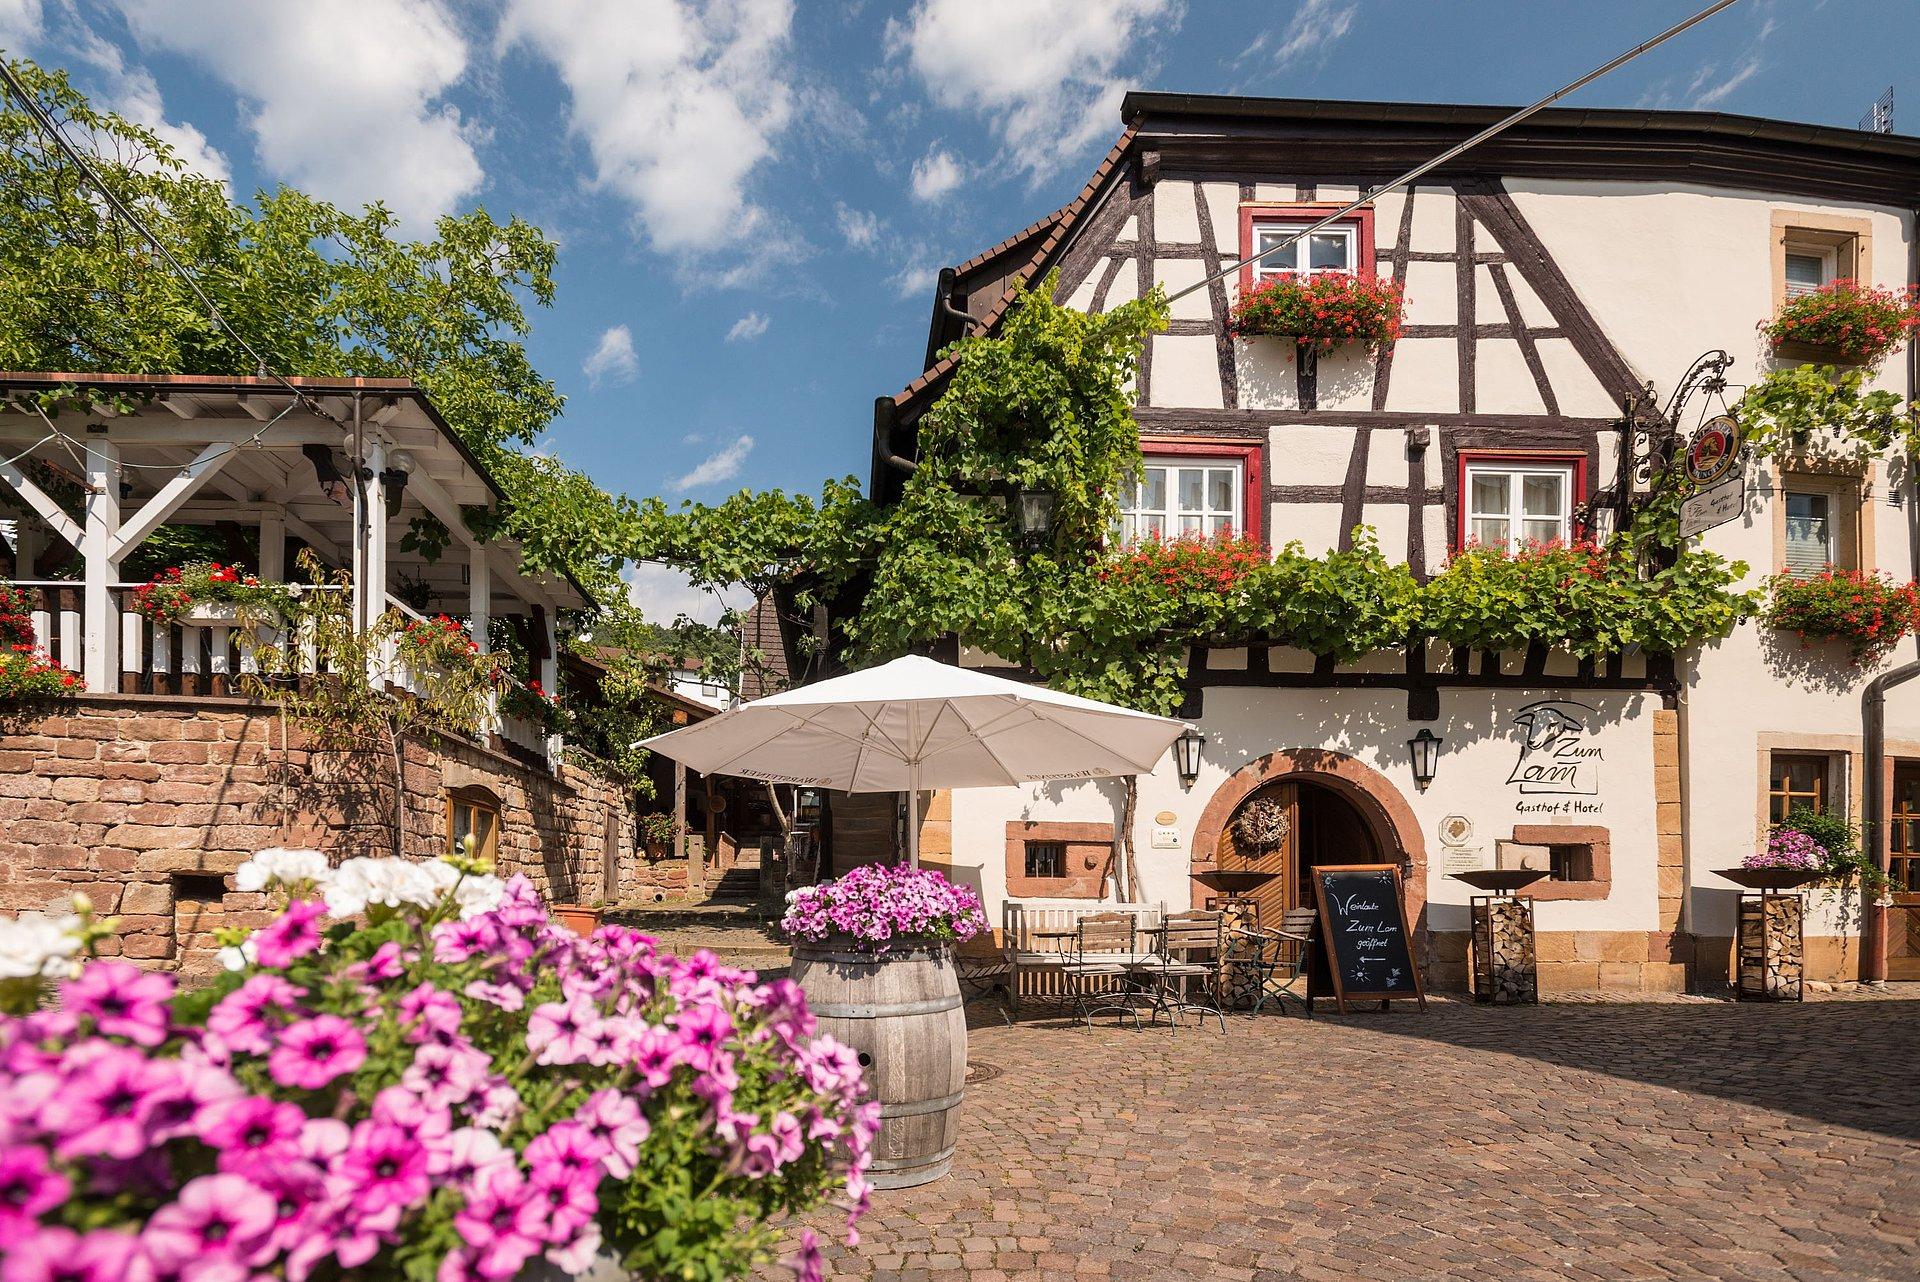 Idyllischer Gasthof an der Deutschen Weinstraße, Pfalz